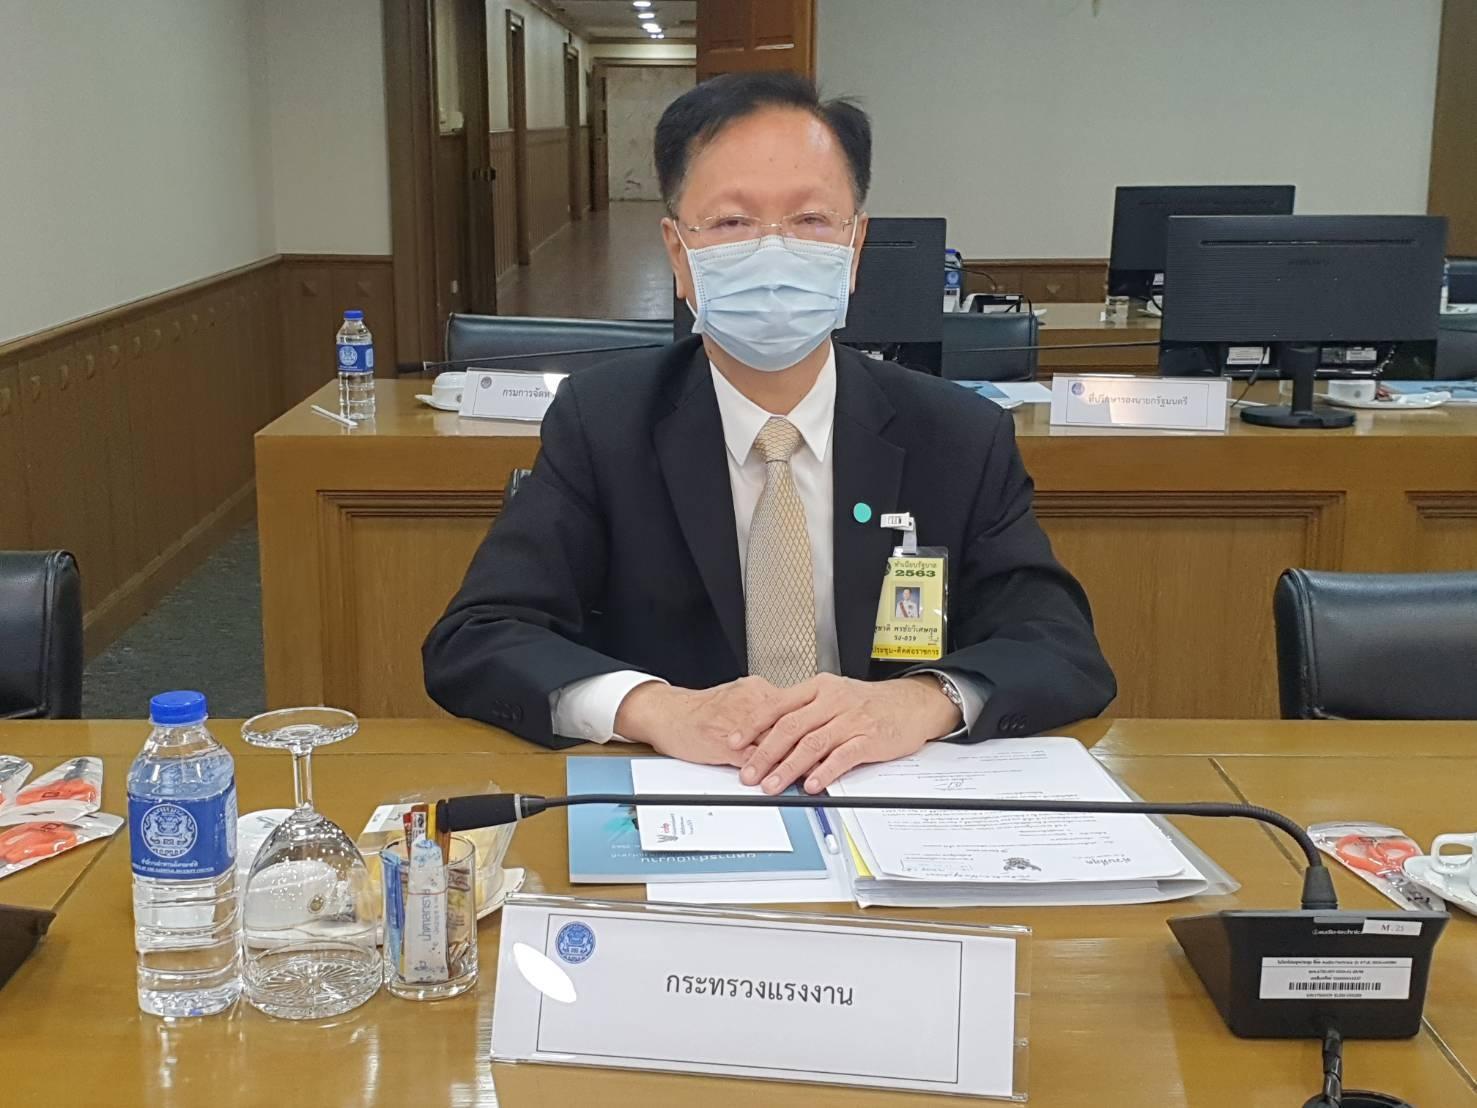 กรมการจัดหางาน  ร่วมประชุมคณะกรรมการนโยบายของสภาความมั่นคงแห่งชาติ ครั้งที่ 1/2563